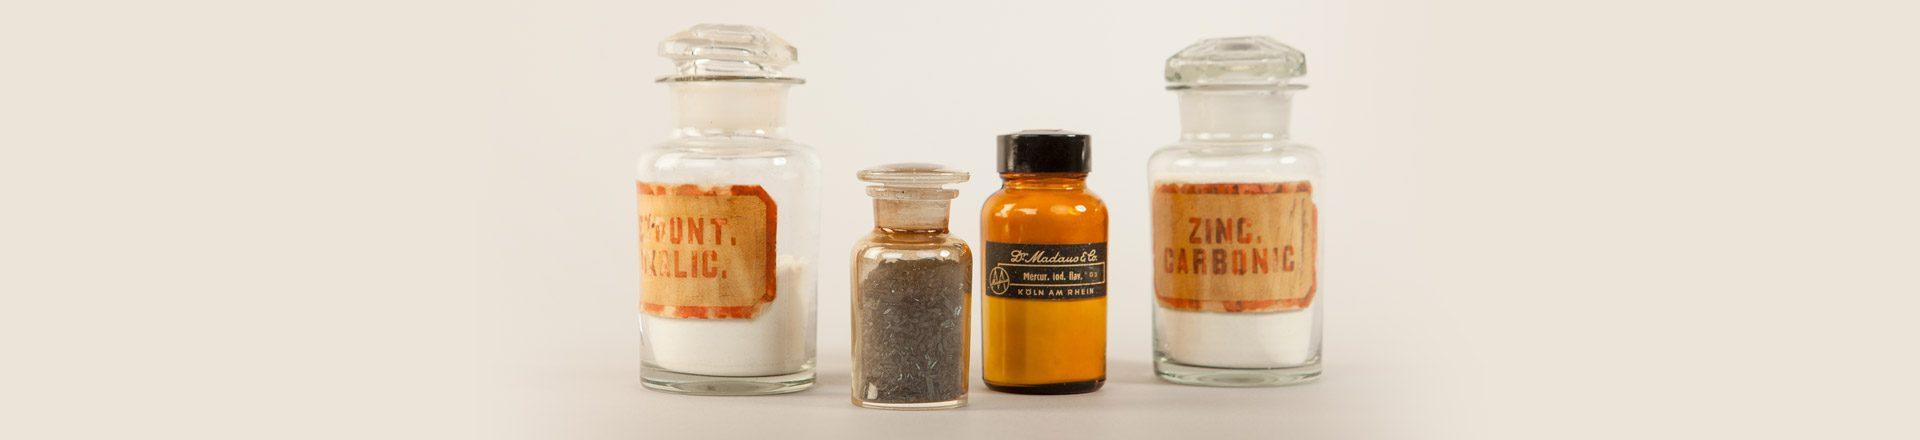 Medikamente und Kosmetika in Straubing